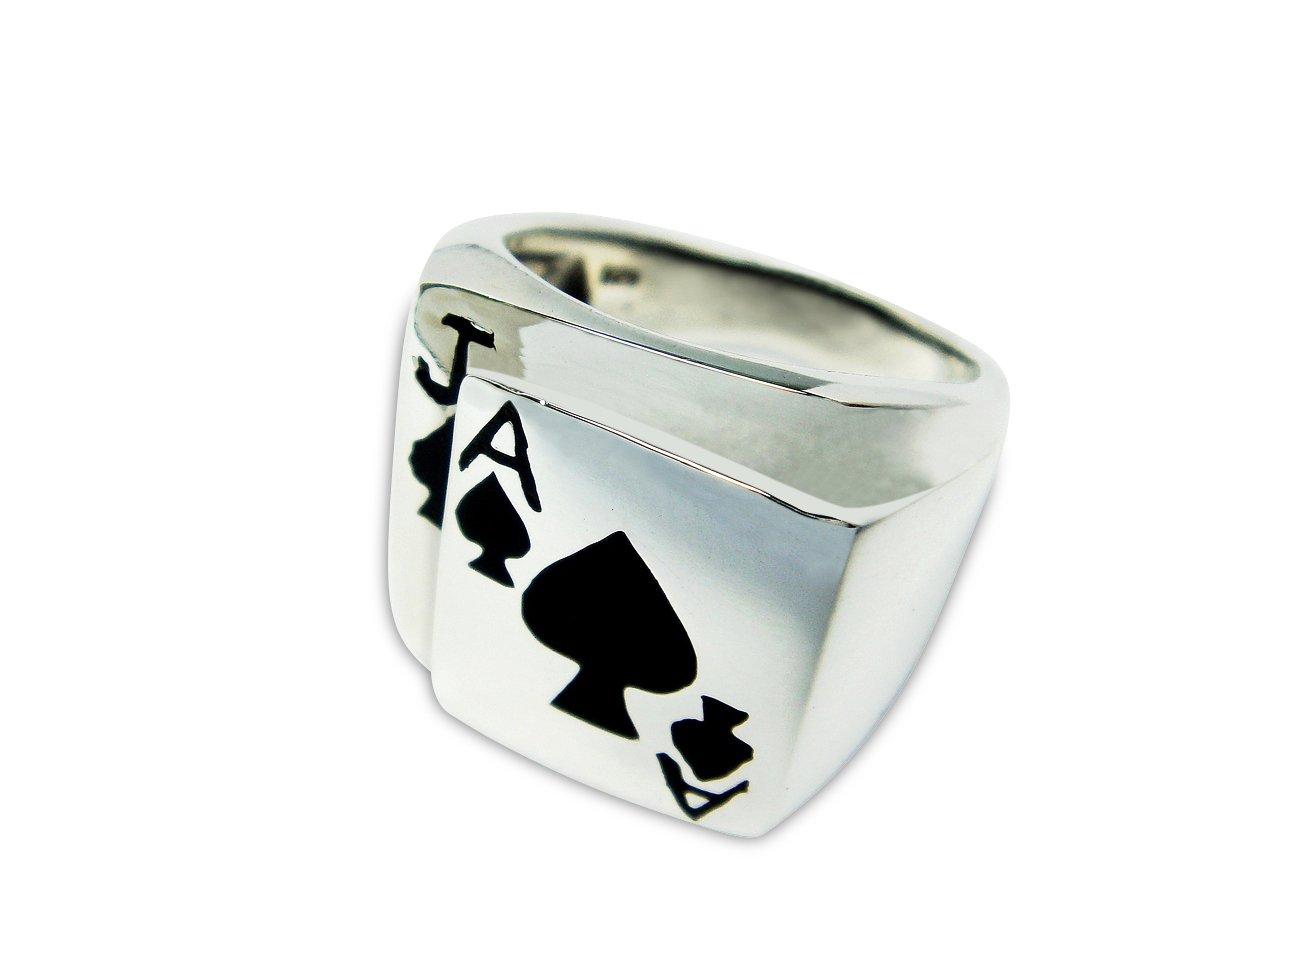 925 Sterling Silver Mens Poker Black Jack Card Game Ring